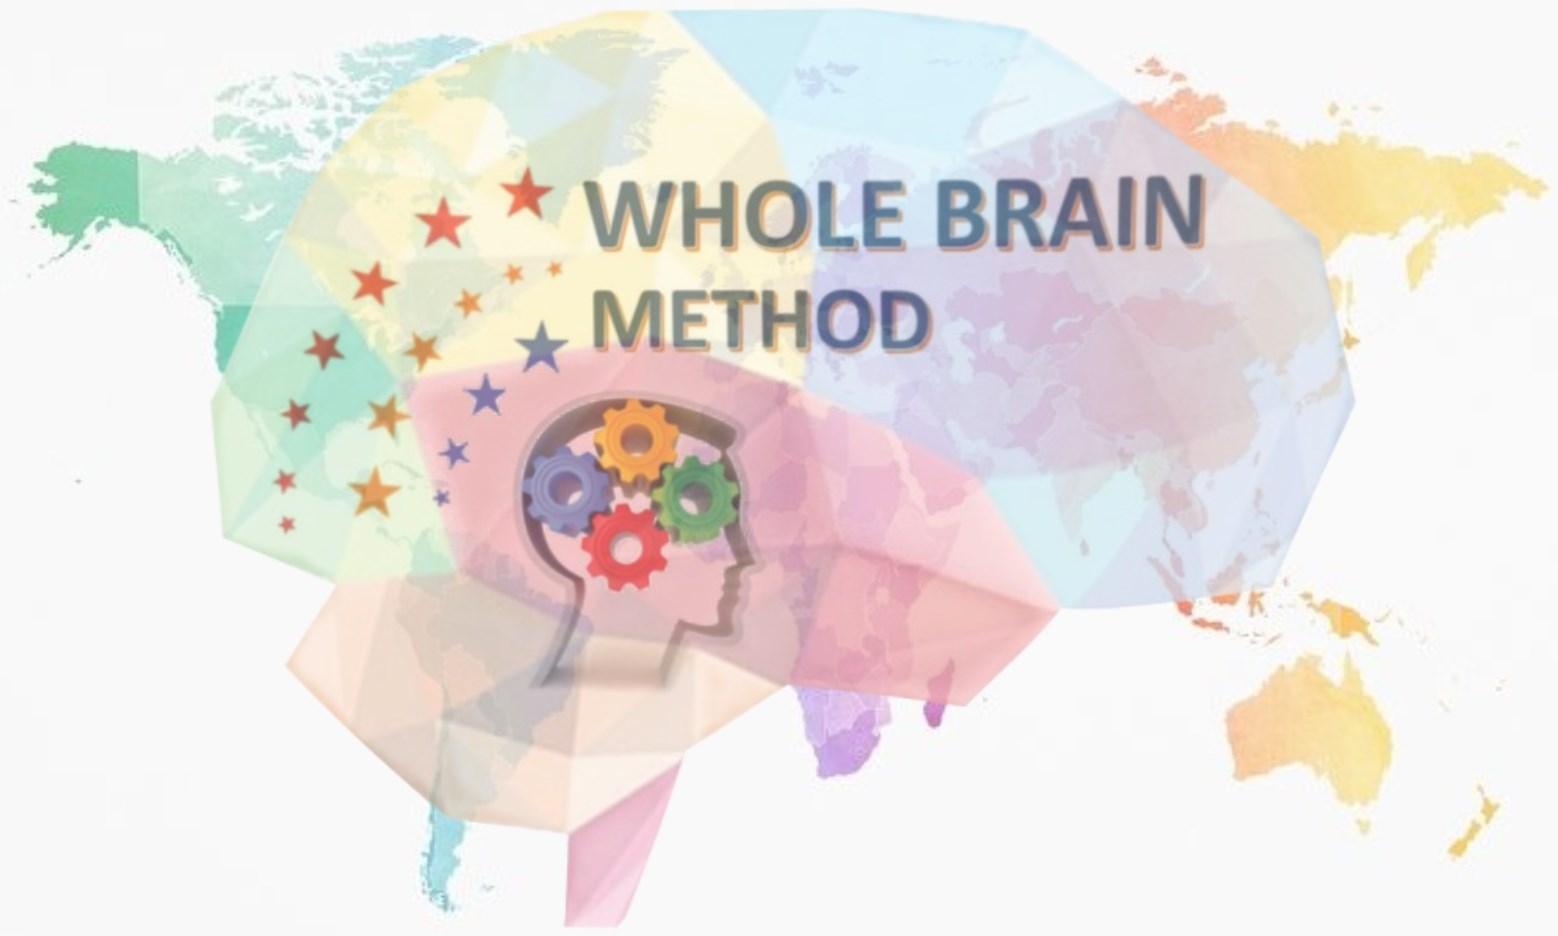 Ergoterapi ile Ümitköy'e Kazandırdığımız Eğitim Modeli Ülkemizde Yayılmaya Devam Ediyor. Whole Brain (Bütünsel Method).